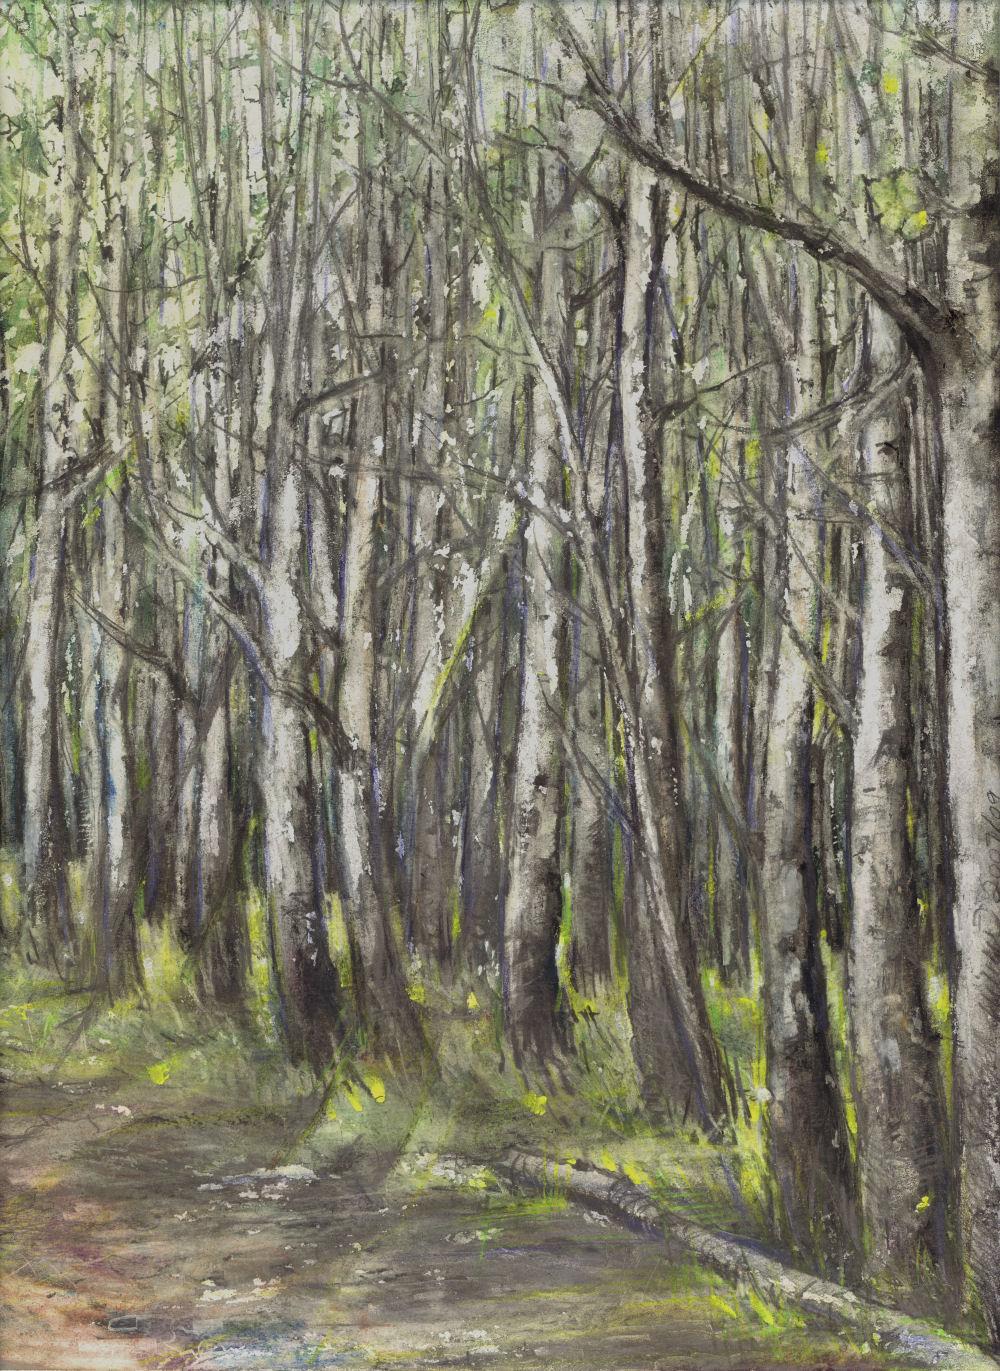 Northern Delights 01, Banff, Alberta, Canada, 14 x 11 graphite, waterwash graphite, oil stick, colored pencils